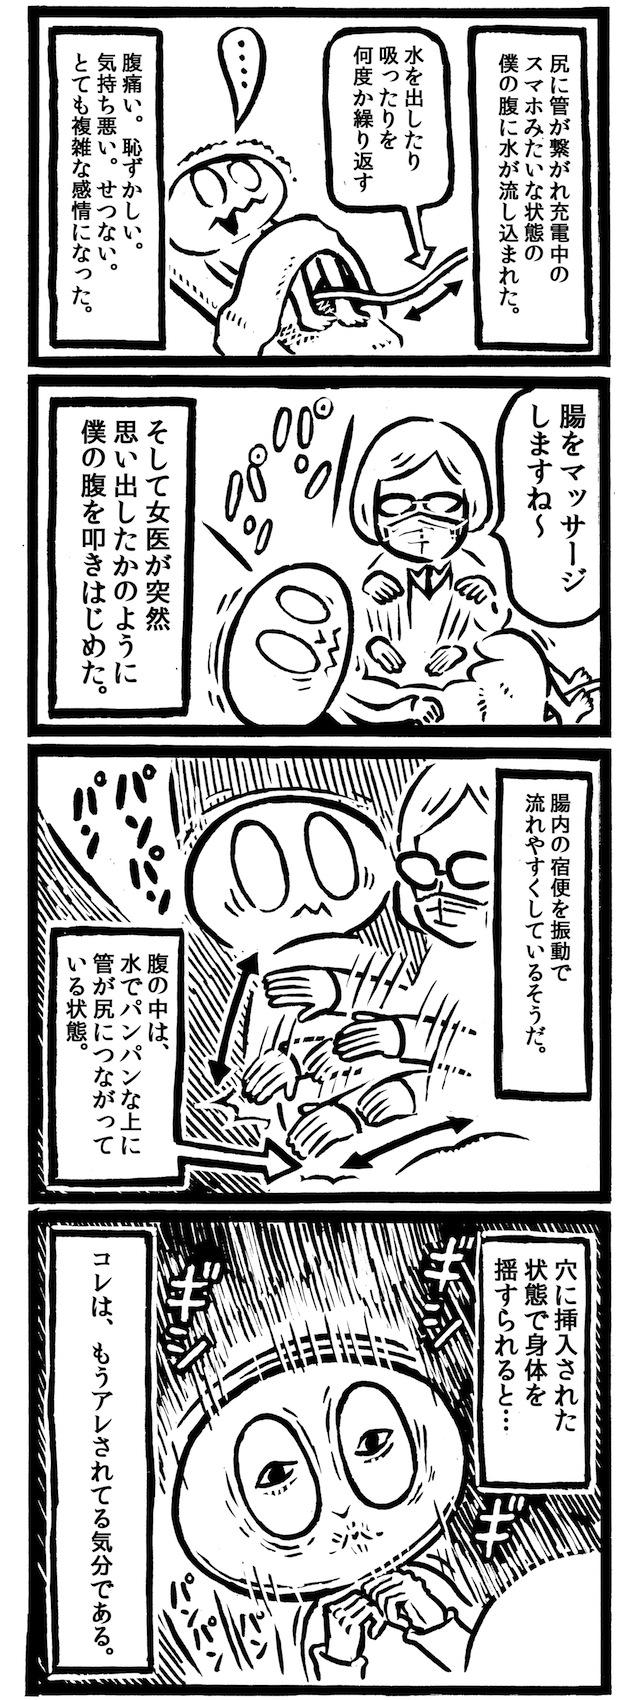 腸内洗浄-11